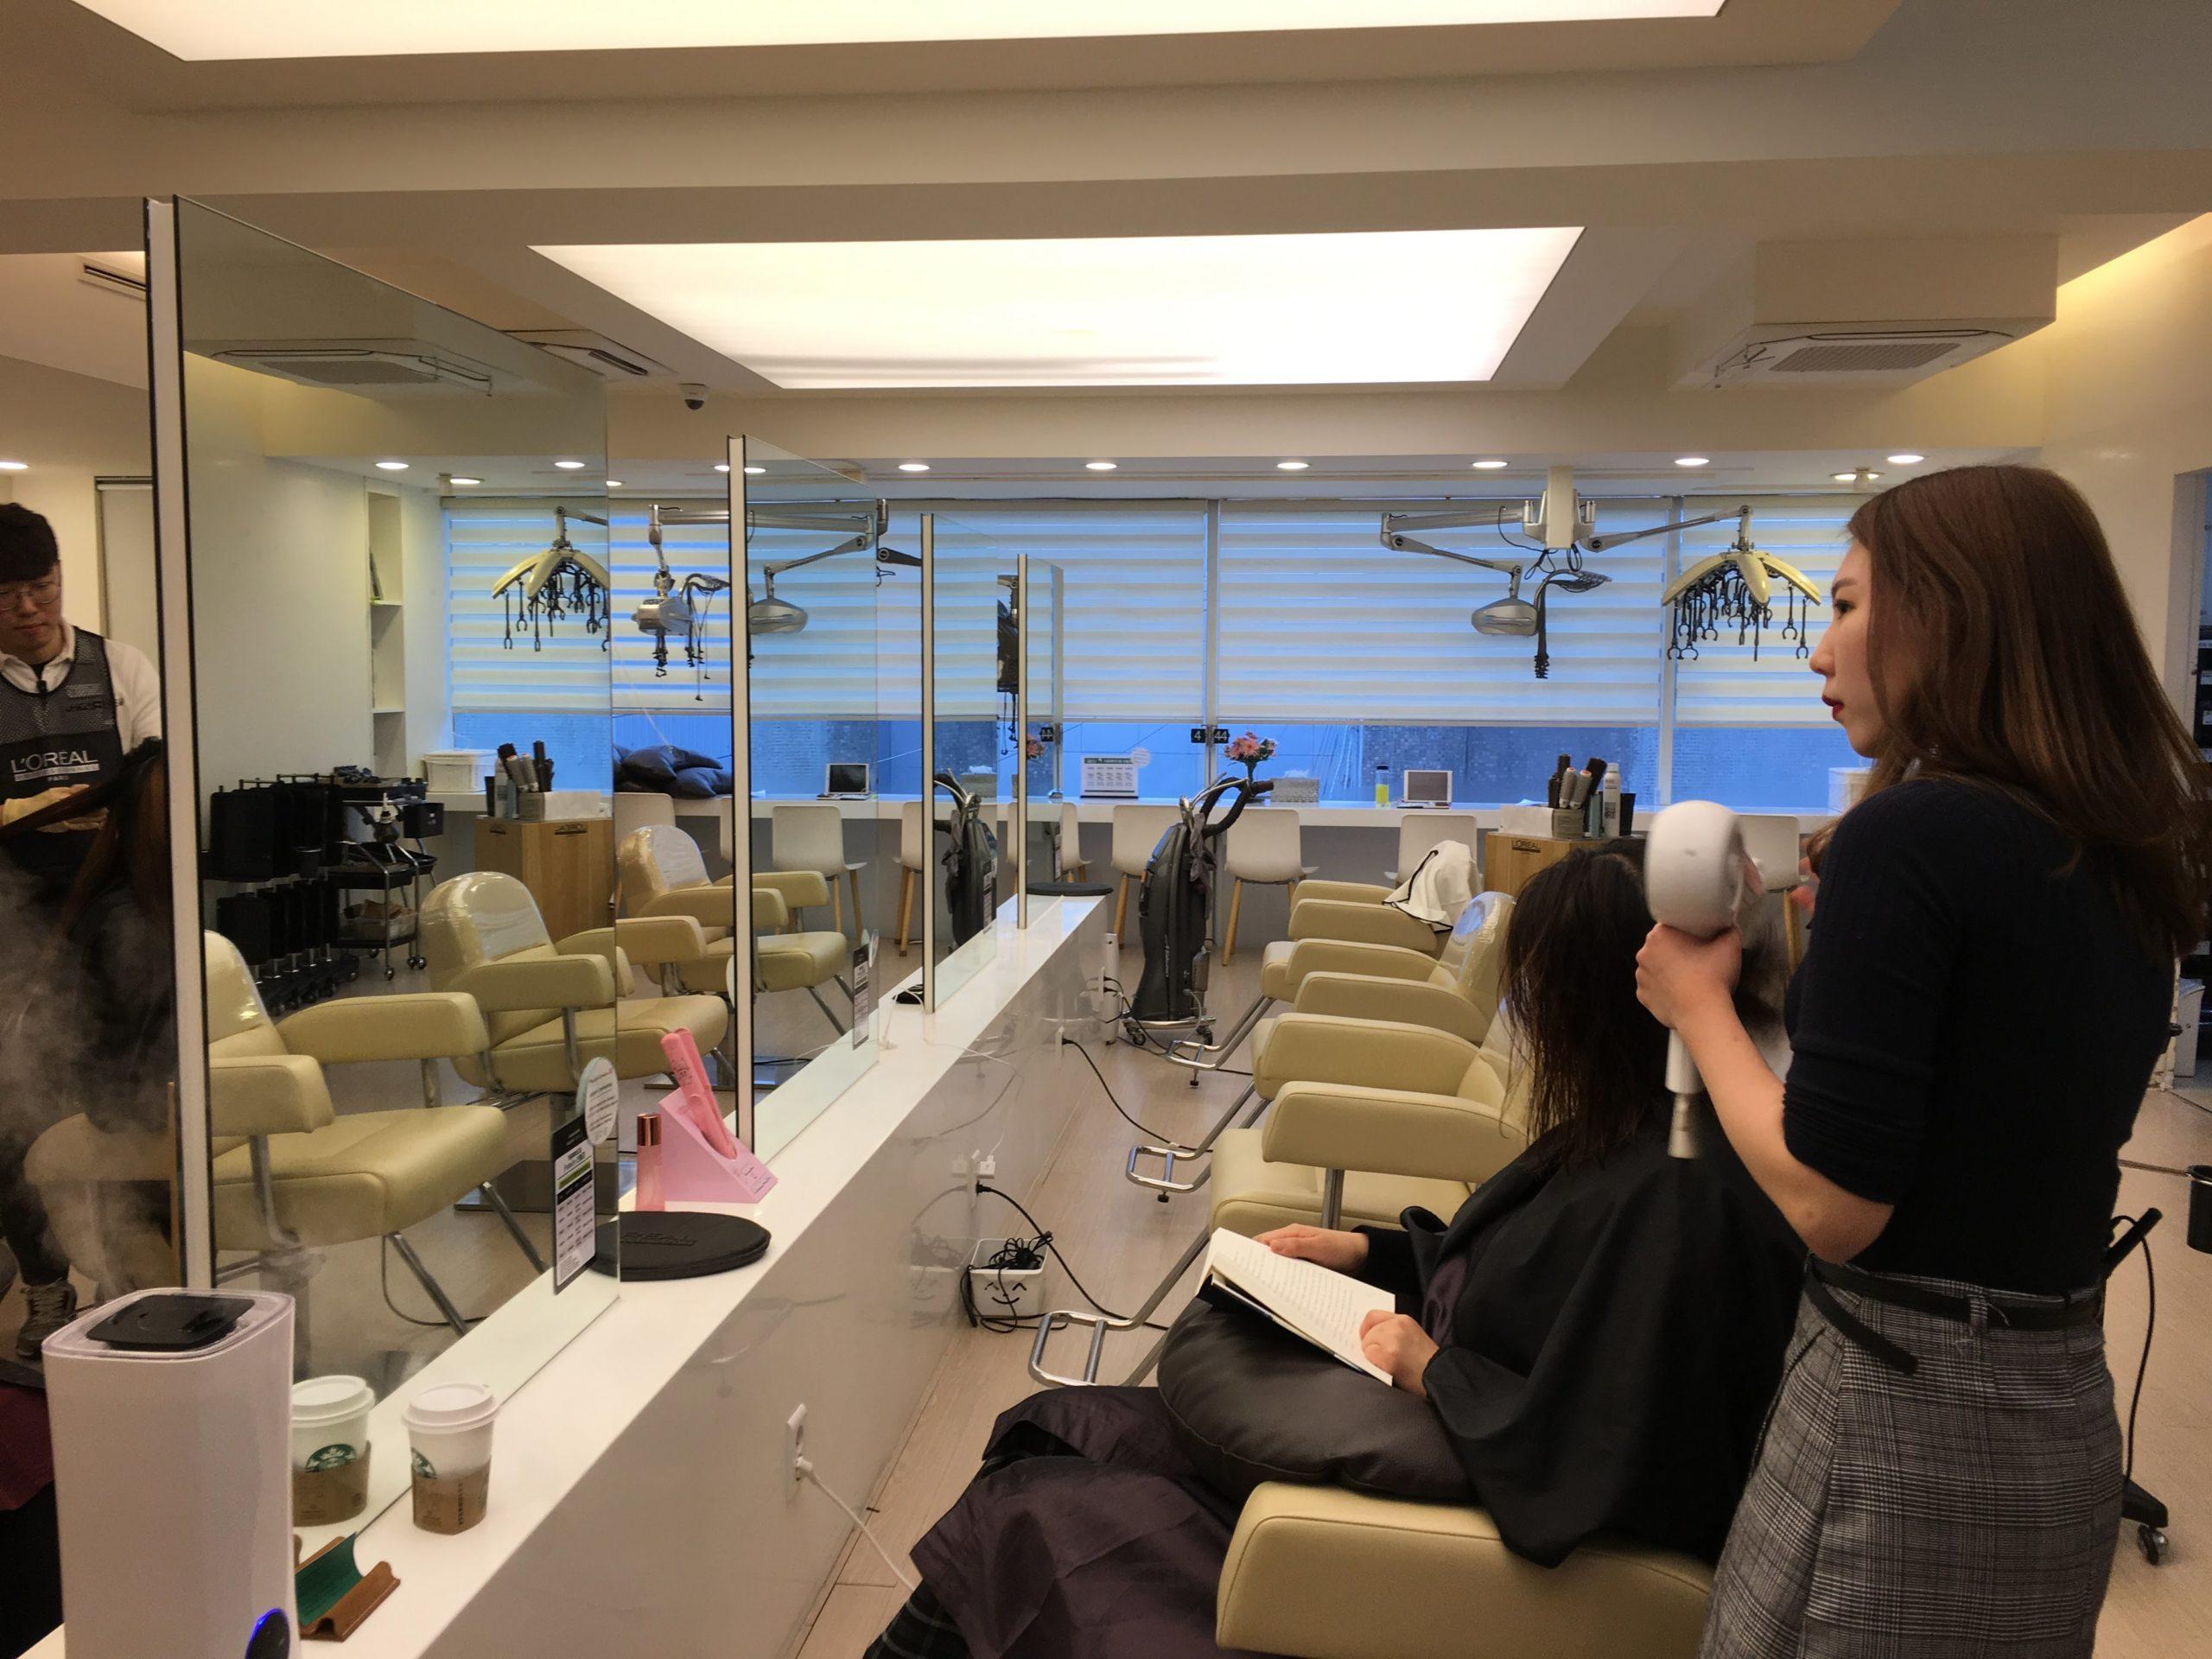 韓國首爾|韓流美髮體驗 Gaggum Hair Dream 明洞店 旅行的尾聲就用韓式美髮沙龍的服務體驗